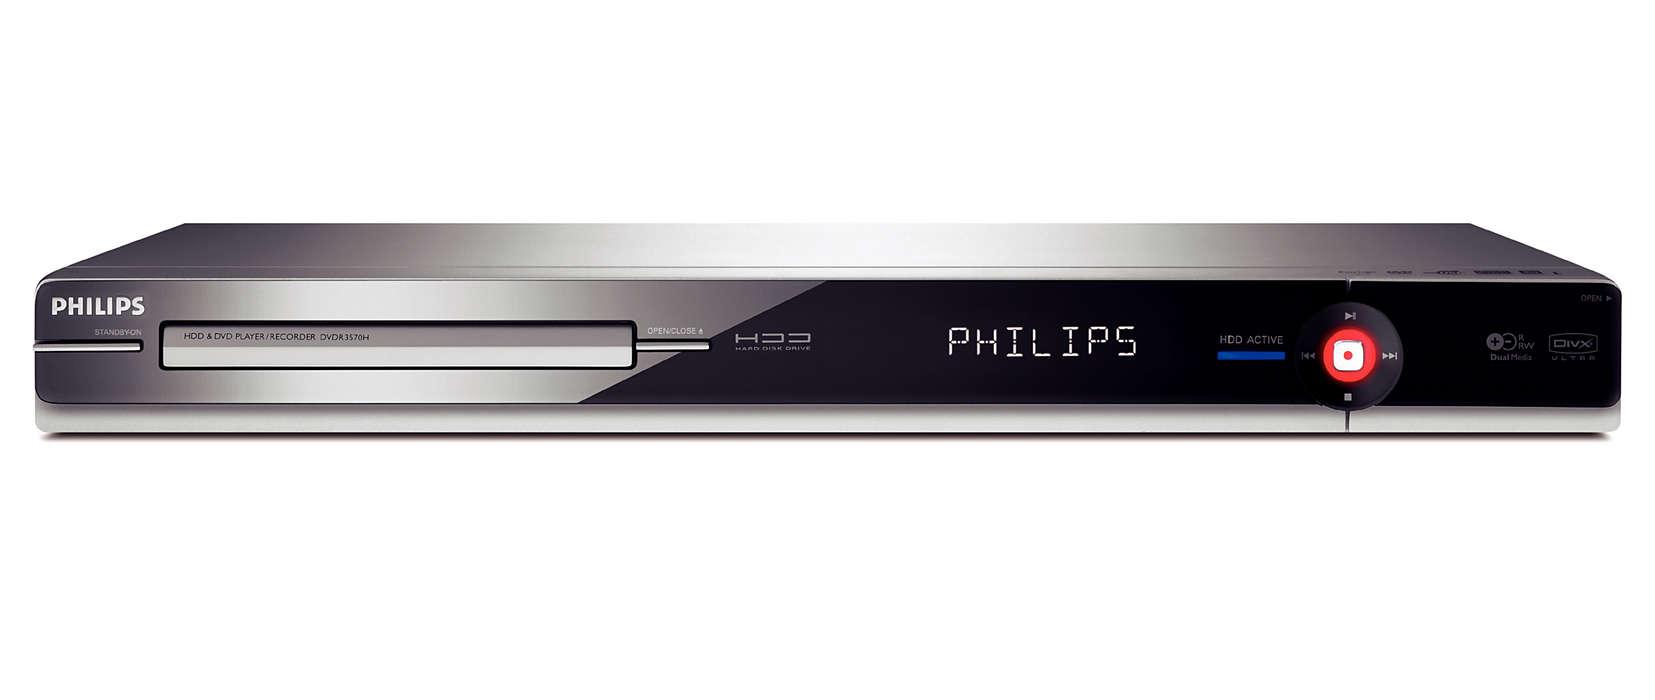 เพลิดเพลินกับการชมโทรทัศน์ด้วยคุณภาพระดับ 1080i HD